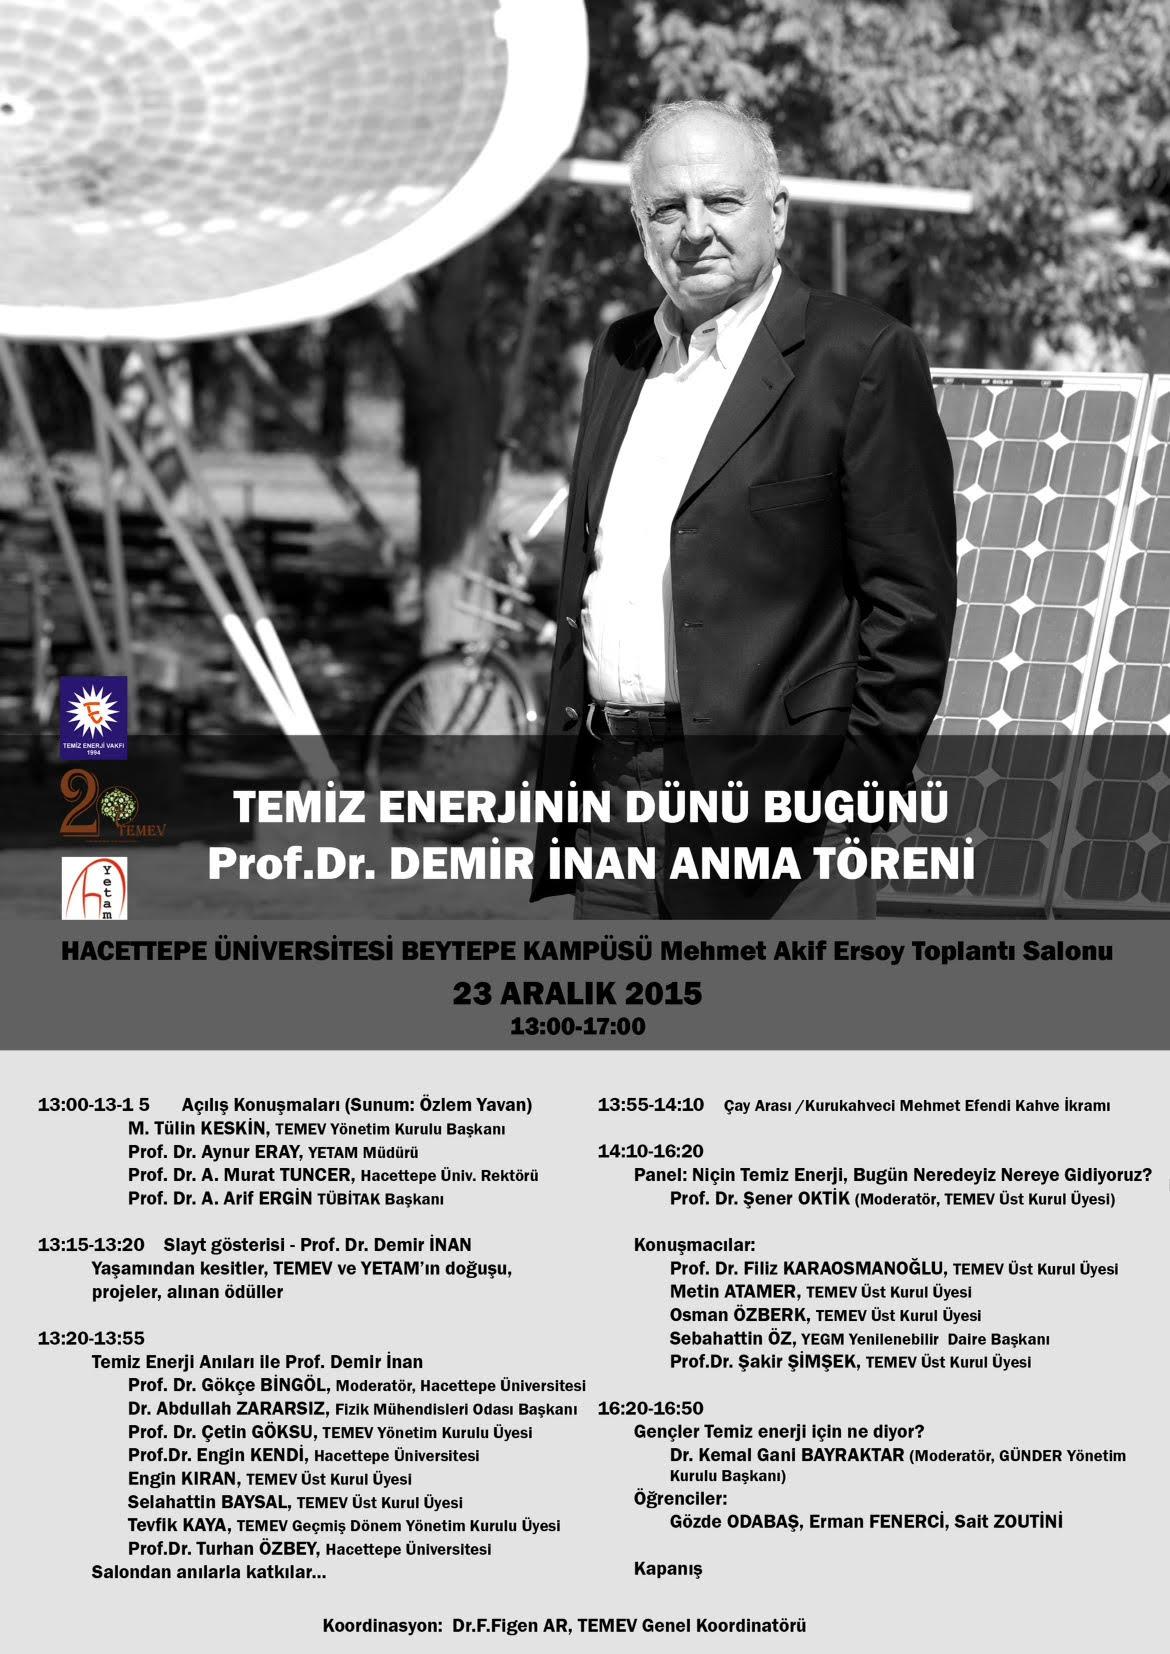 TEMİZ ENERJİNİN DÜNÜ BUGÜNÜ VE Prof.Dr. DEMİR İNAN'ı ANMA TOPLANTISI